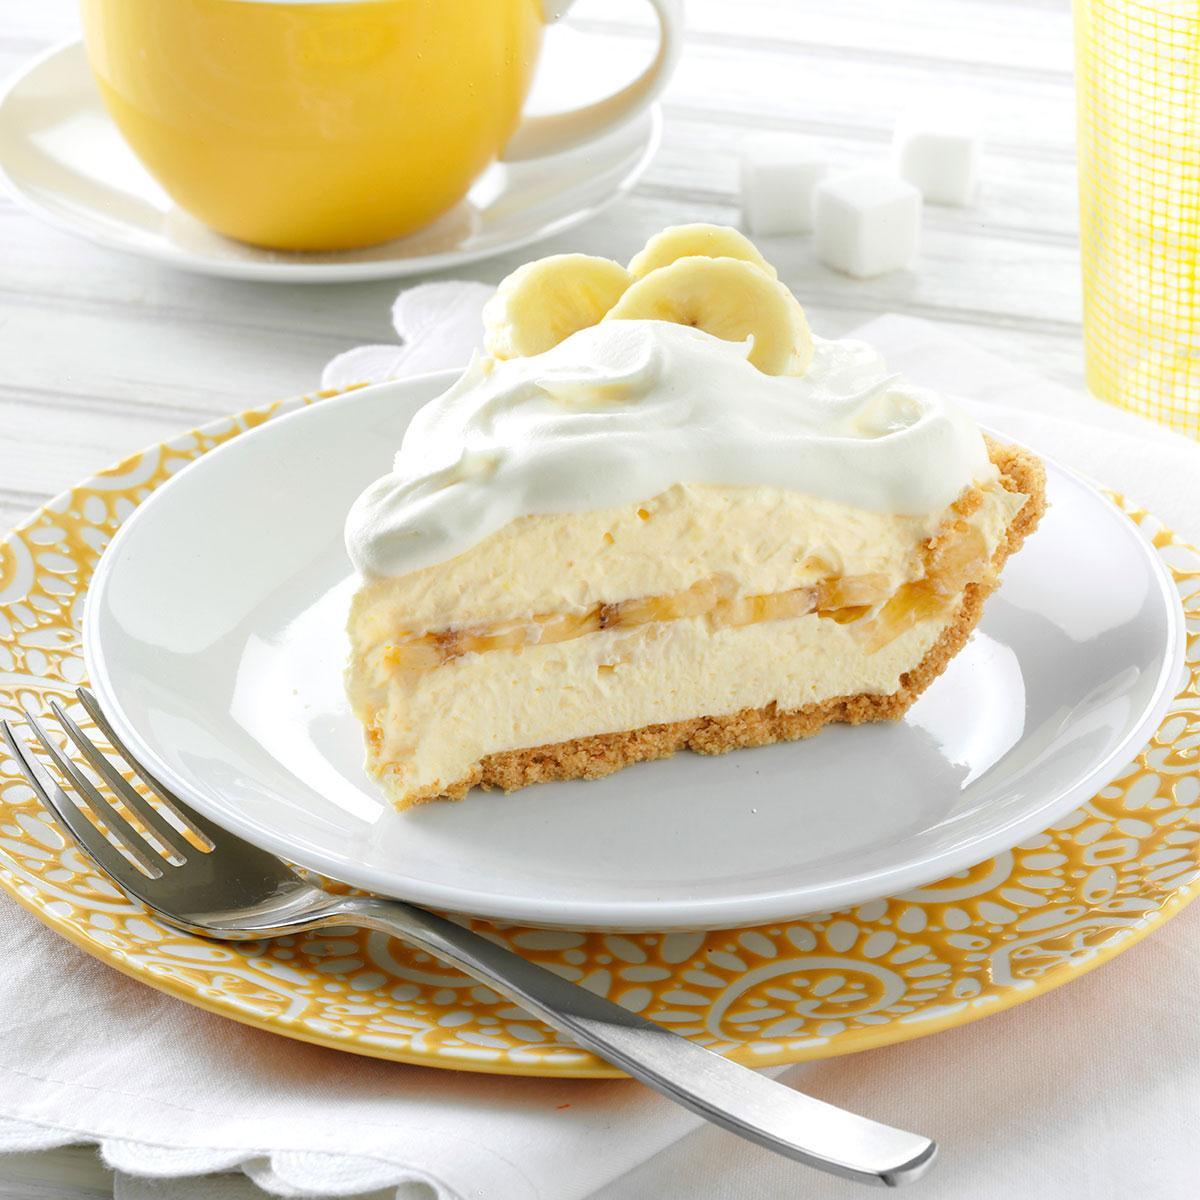 Banana Cream Pie  Favorite Banana Cream Pie Recipe